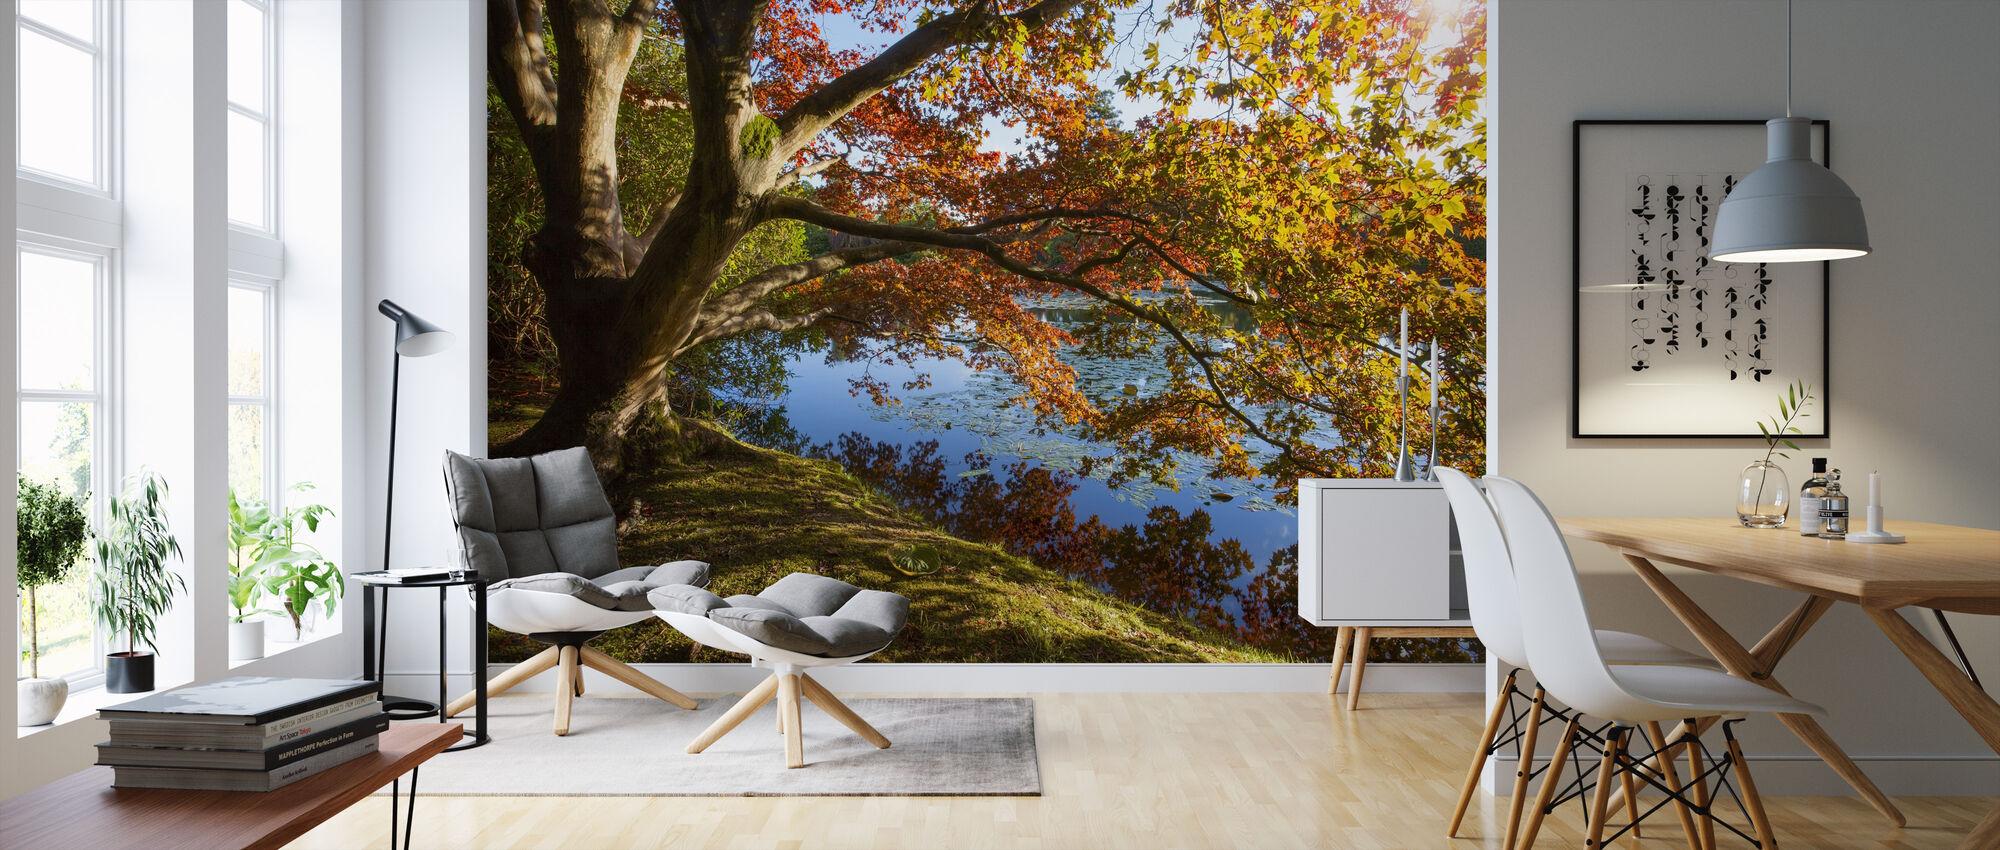 Efterår Træ Refleksion - Tapet - Stue